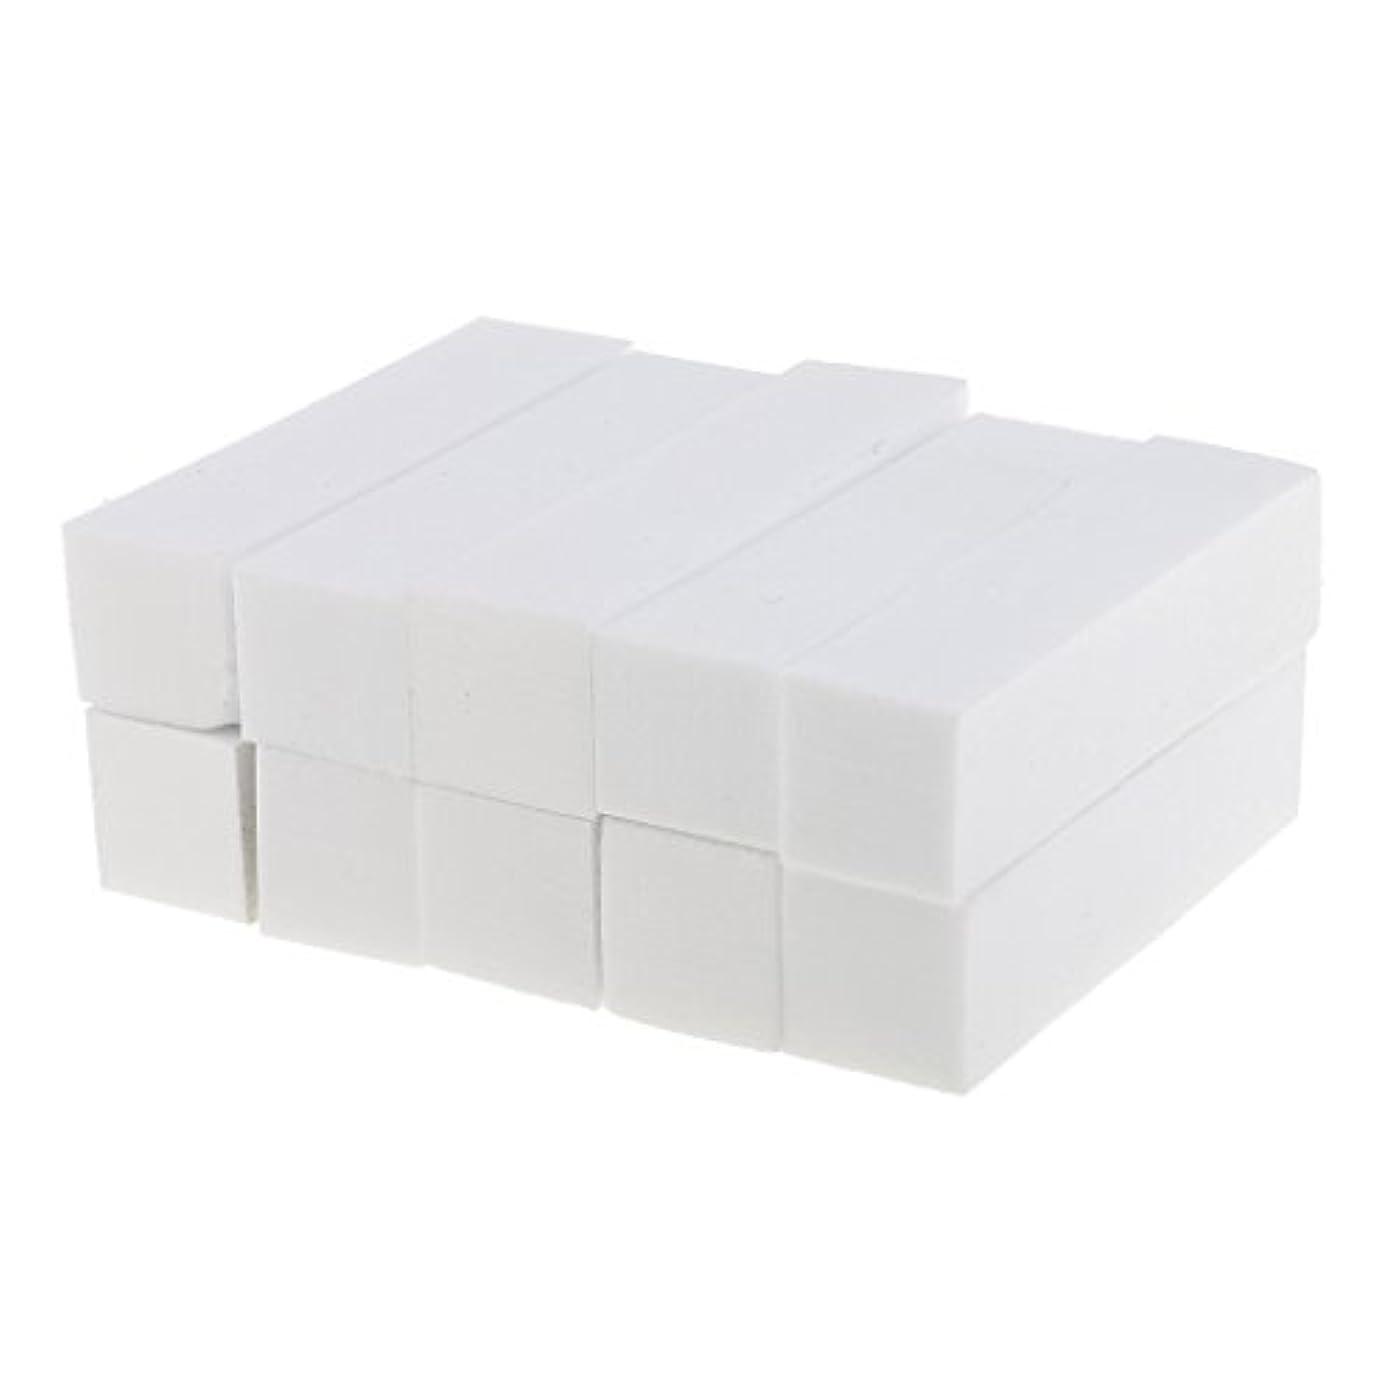 同様の広がり小切手Toygogo 10ピース/個ホワイトフォームネイルアートマニキュアペディキュアバッファーバフファイルネイルエクステンション、アクリルネイル、ネイルチップ、ナチュラルネイルを充填するためのツール